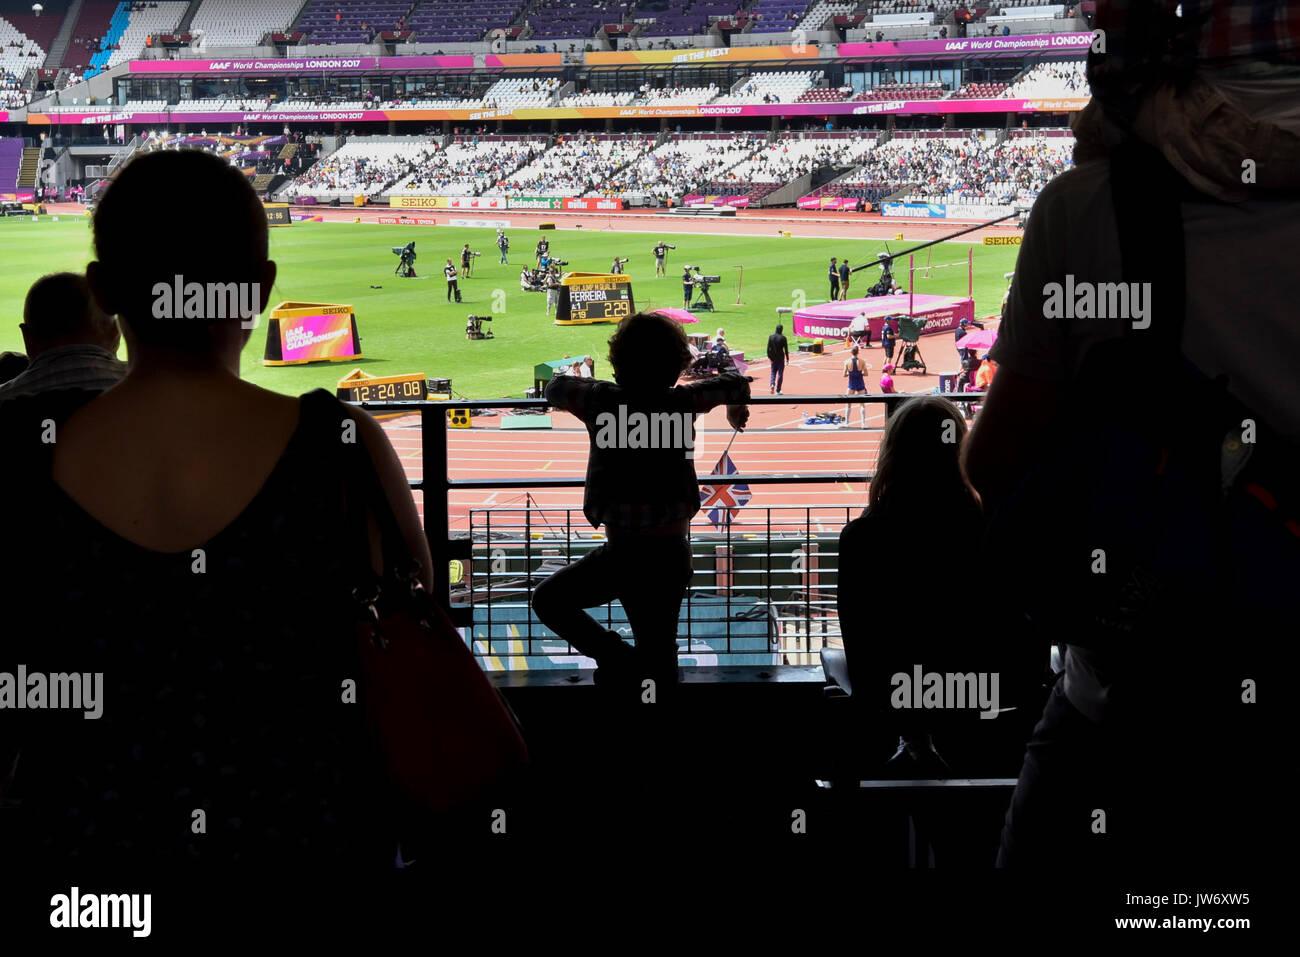 Londres, Reino Unido. El 11 de agosto de 2017. Una joven fan se ve en silueta observando el salto de alta calificación en el estadio de Londres, el día ocho de los Campeonatos Mundiales de la IAAF de Londres 2017. Crédito: Stephen Chung / Alamy Live News Imagen De Stock